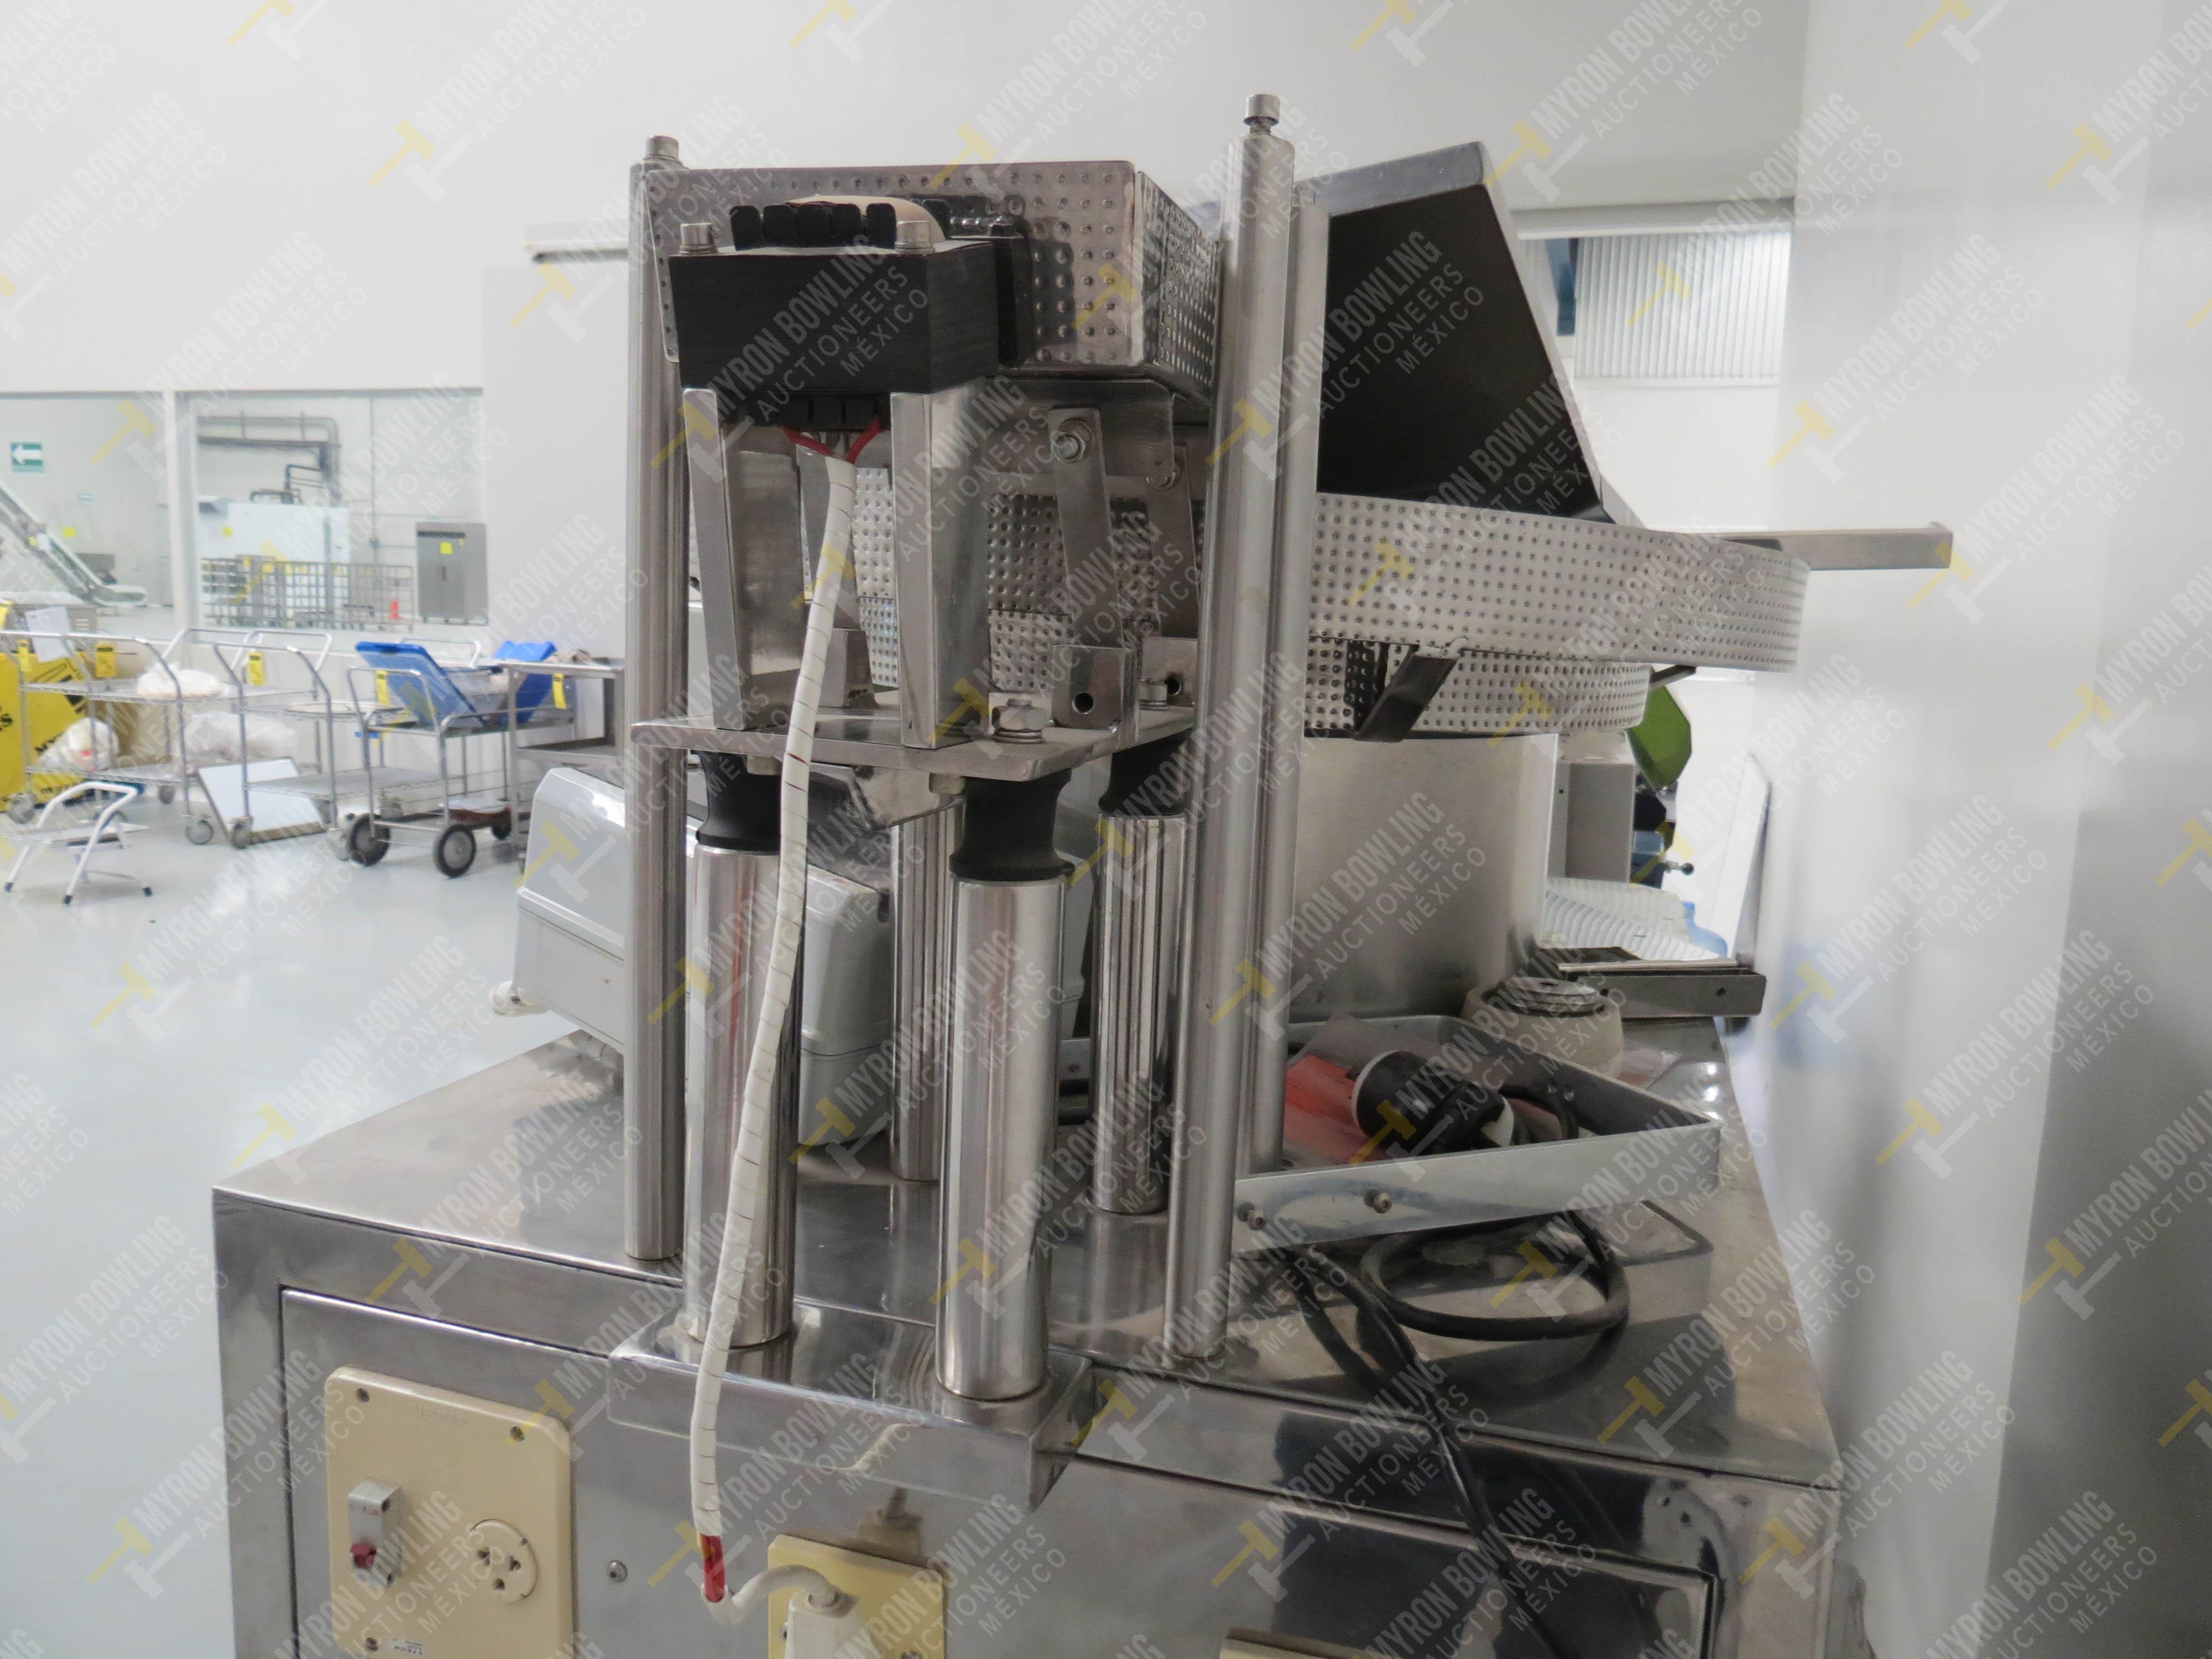 Pesadora automática de precisión marca JHM Máquinas, Modelo Maximatic CLP 3000 Incluye … - Image 3 of 5